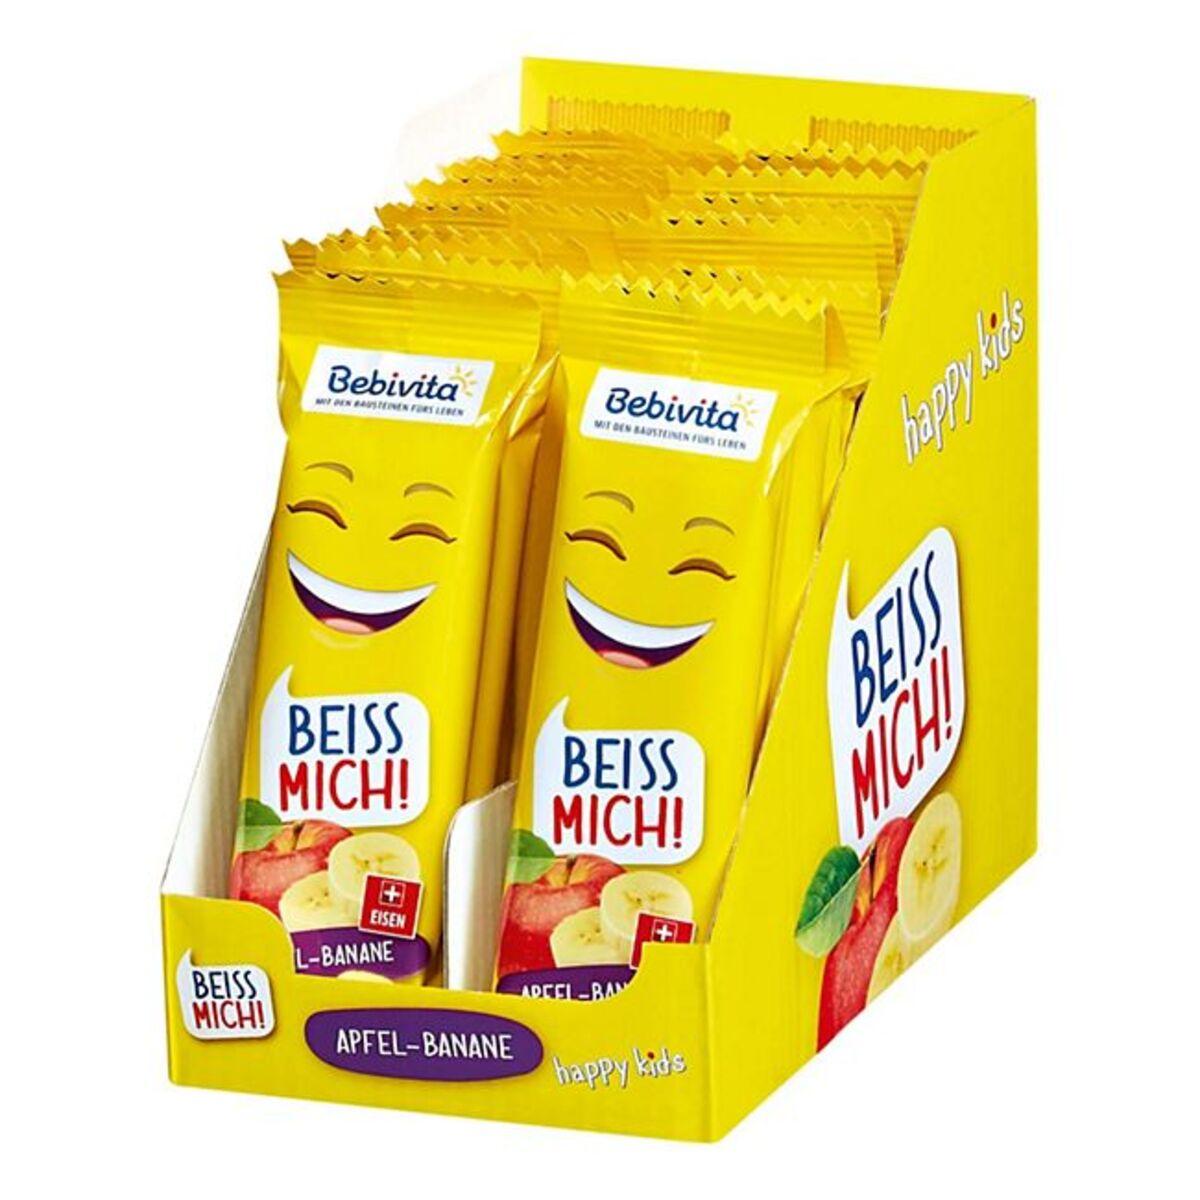 Bild 1 von Bebivita Früchte Riegel Apfel Banane 25 g, 20er Pack